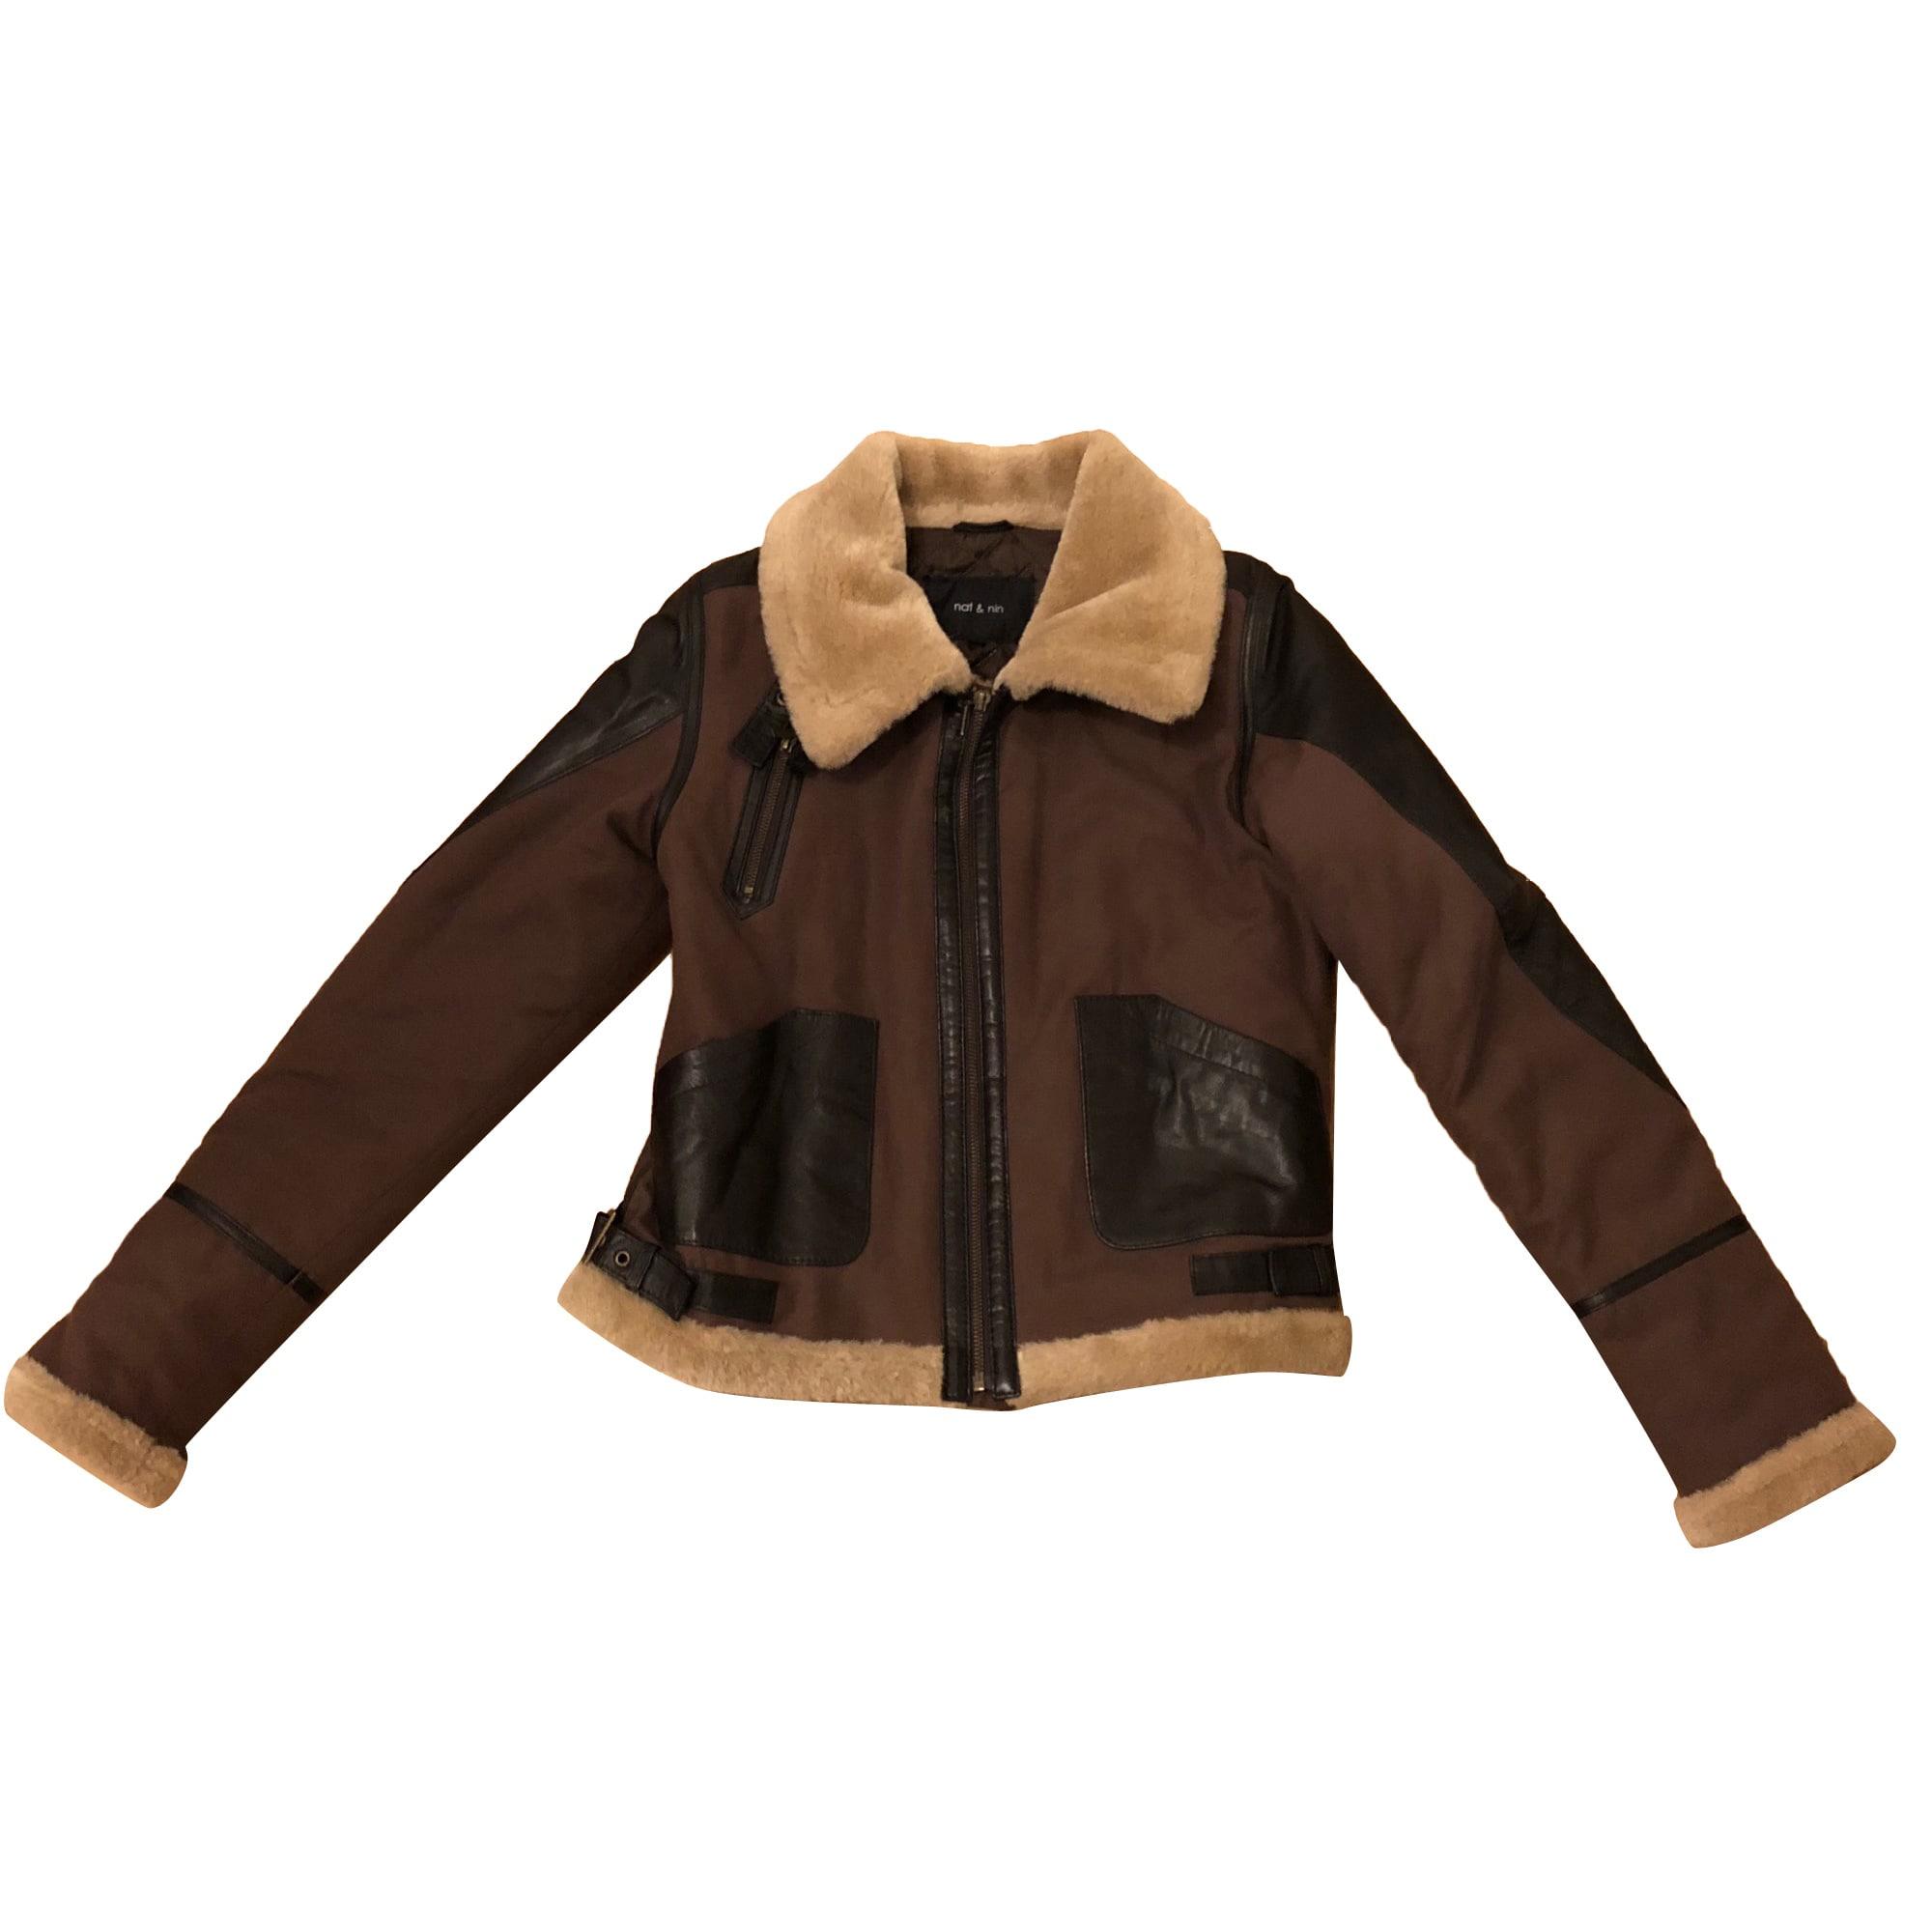 Veste en cuir et laine d'agneau Michael Kors en marron pour